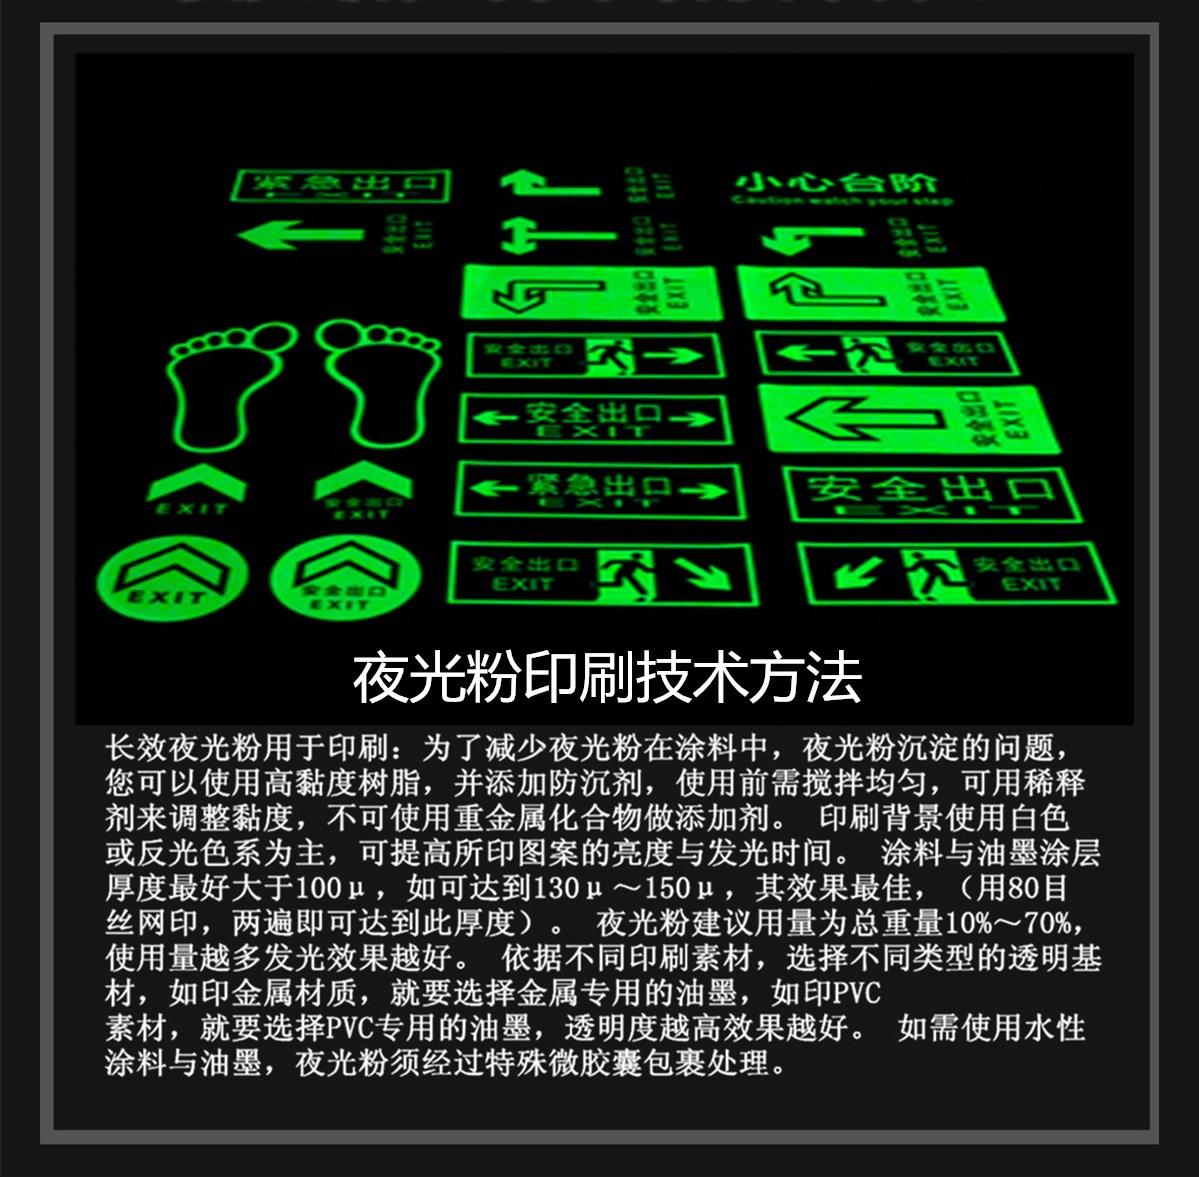 1200夜光粉印刷技术_副本.jpg